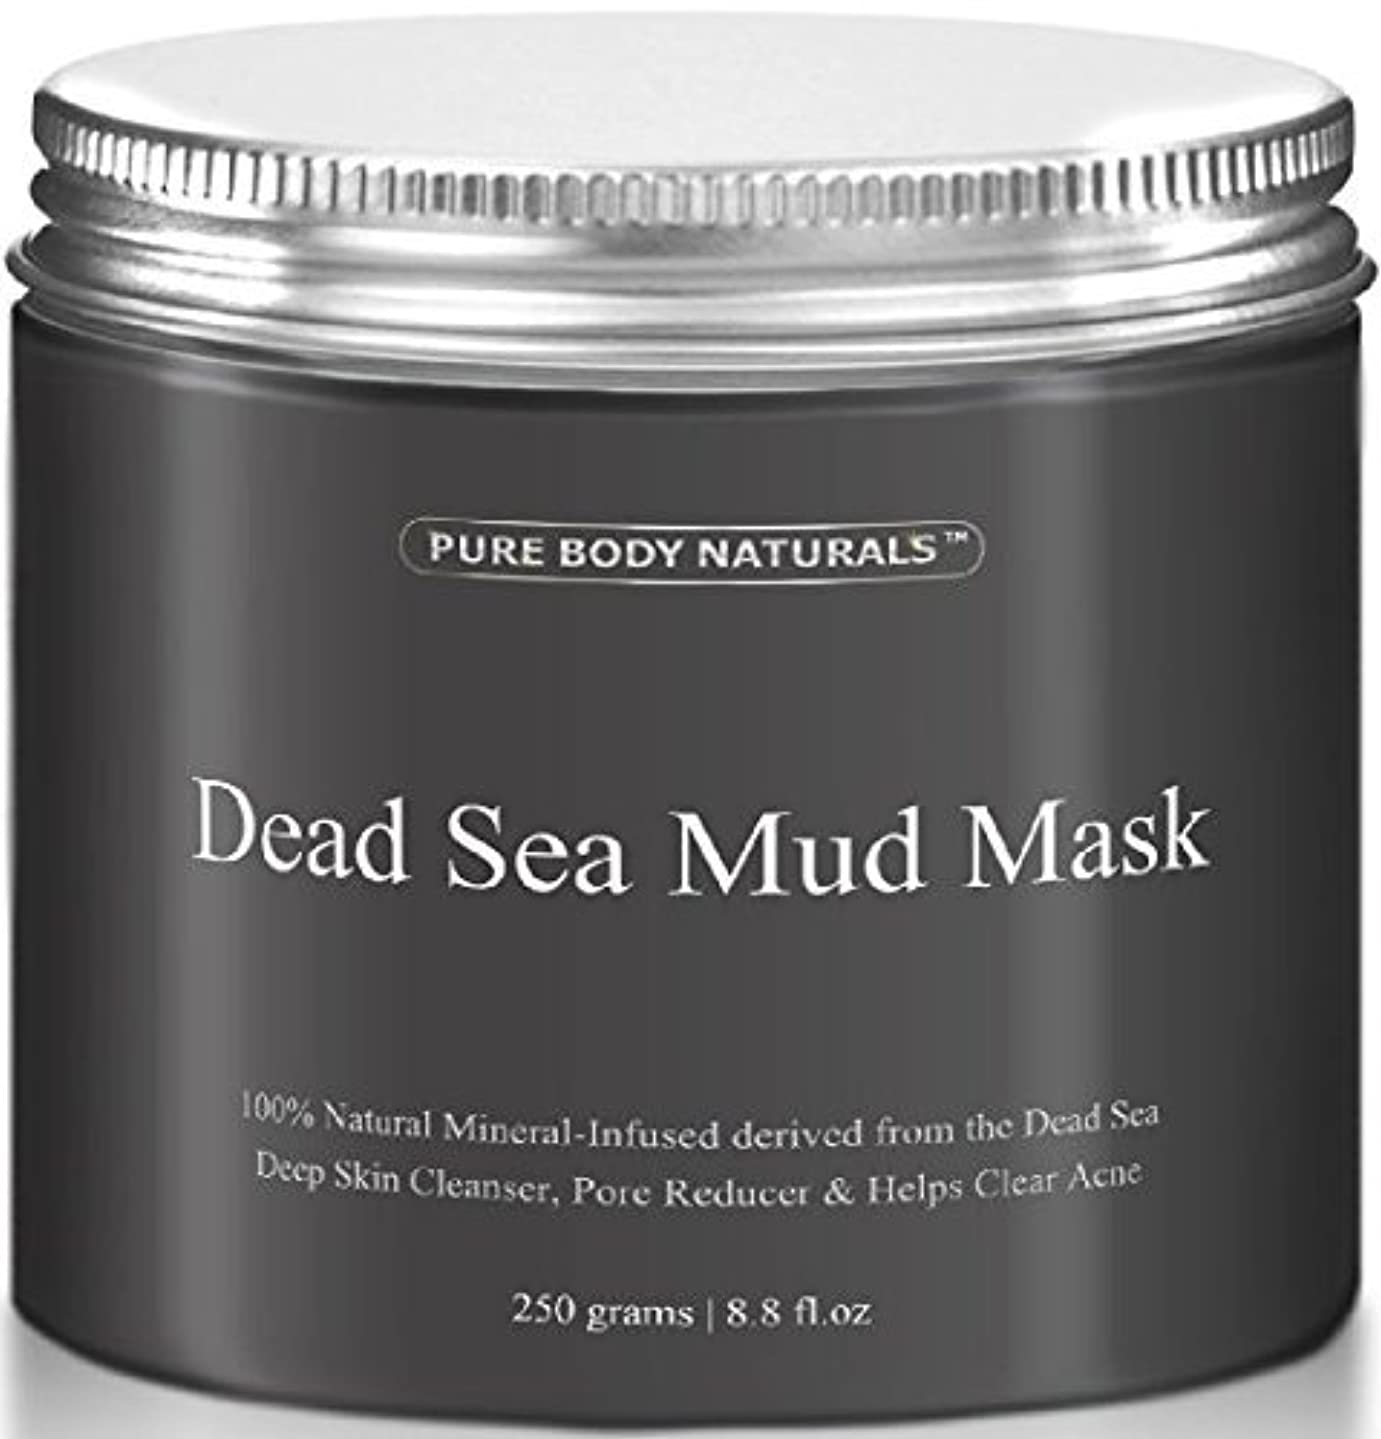 インレイ芝生提供されたDead Sea Mud Mask 死海の泥マスク 250g [並行輸入品]